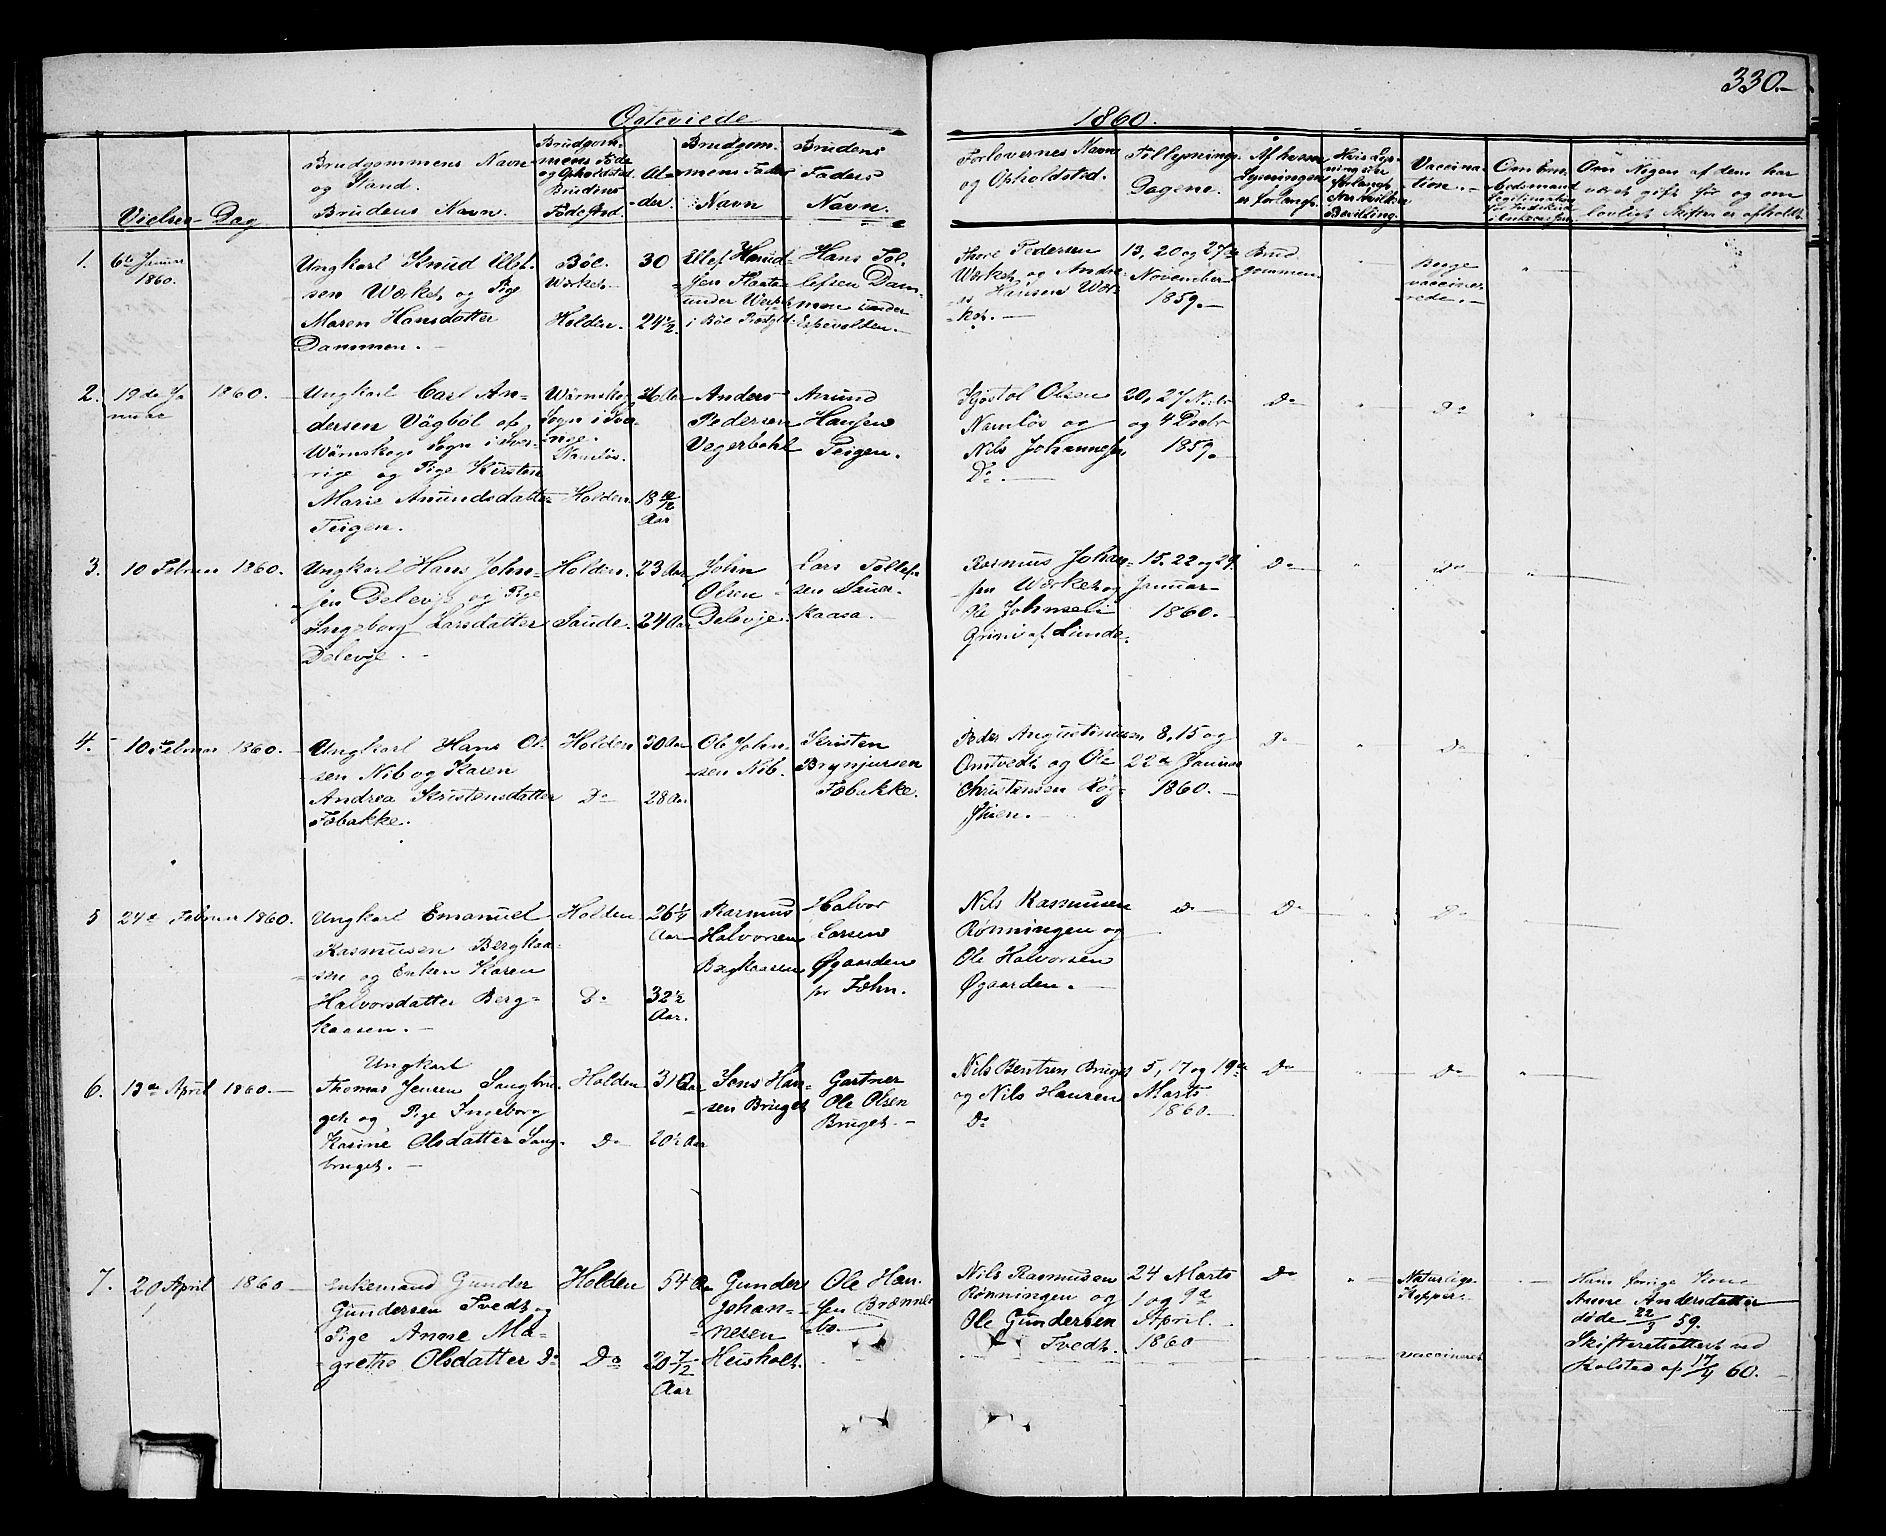 SAKO, Holla kirkebøker, G/Ga/L0003: Klokkerbok nr. I 3, 1849-1866, s. 330